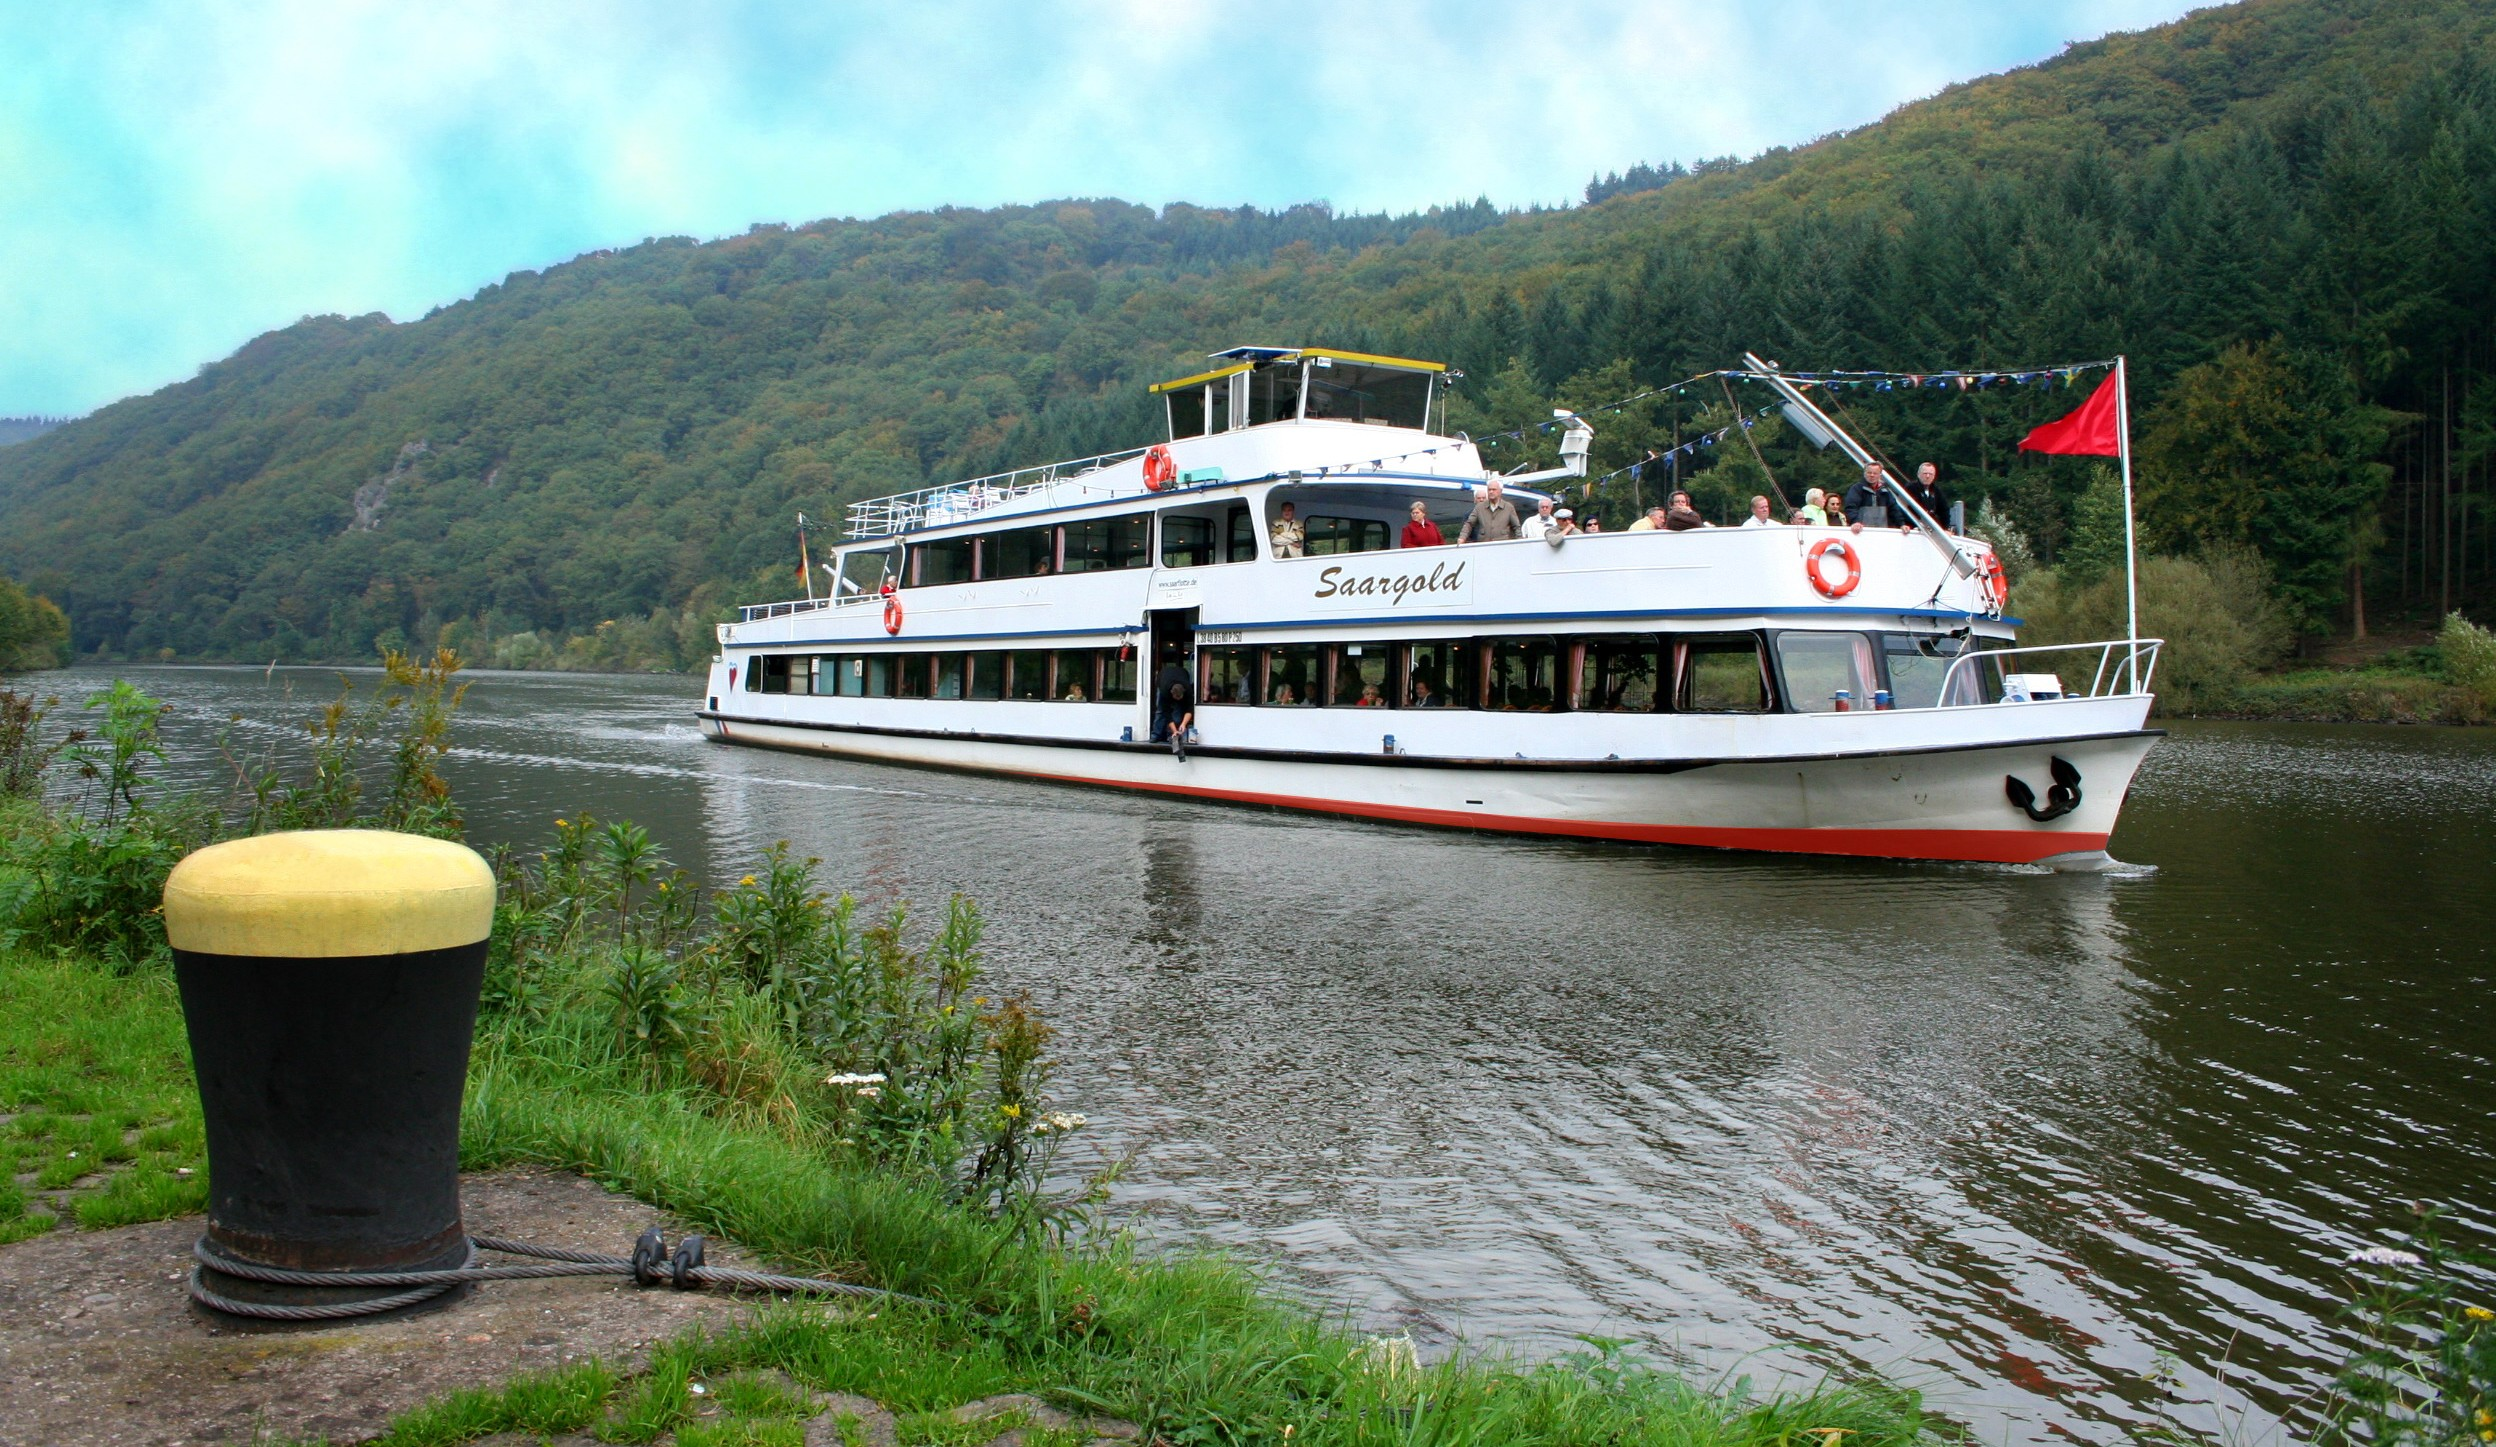 Schifffahrt von Saarburg nach Mettlach